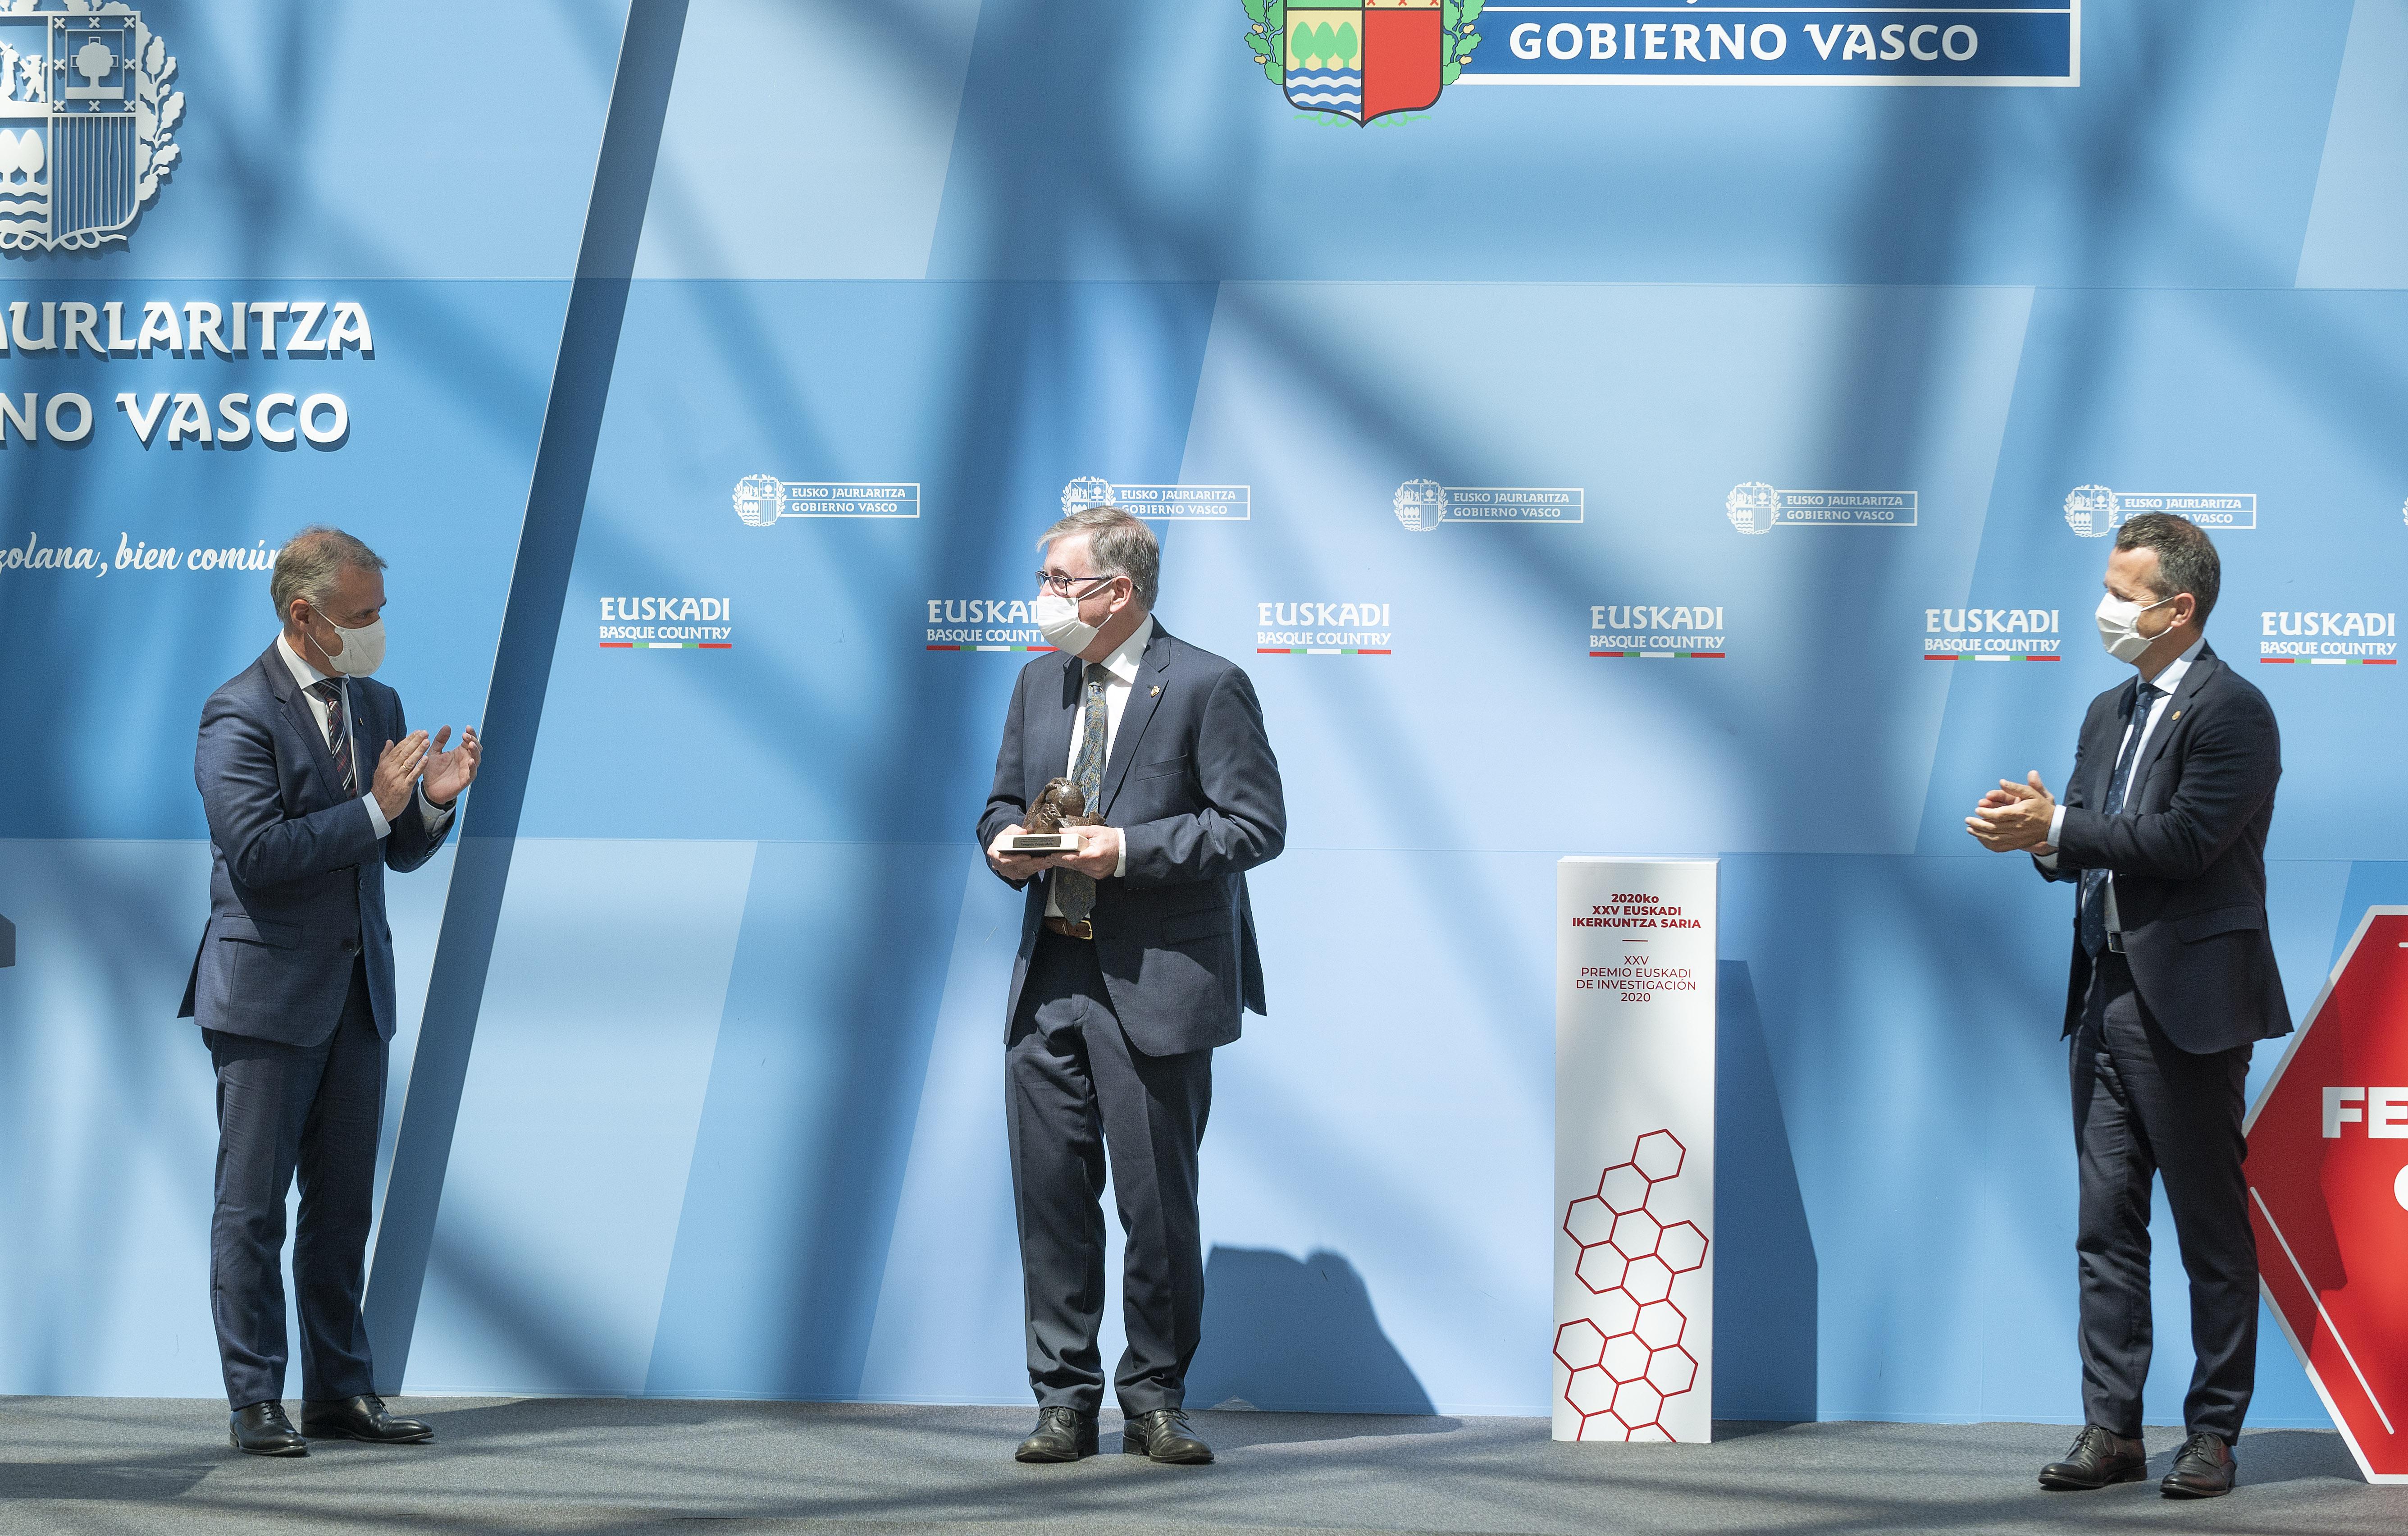 Lehendakariak 2020ko Euskadi Ikerkuntza Saria eman dio Fernando Cossio kimikariari [42:12]